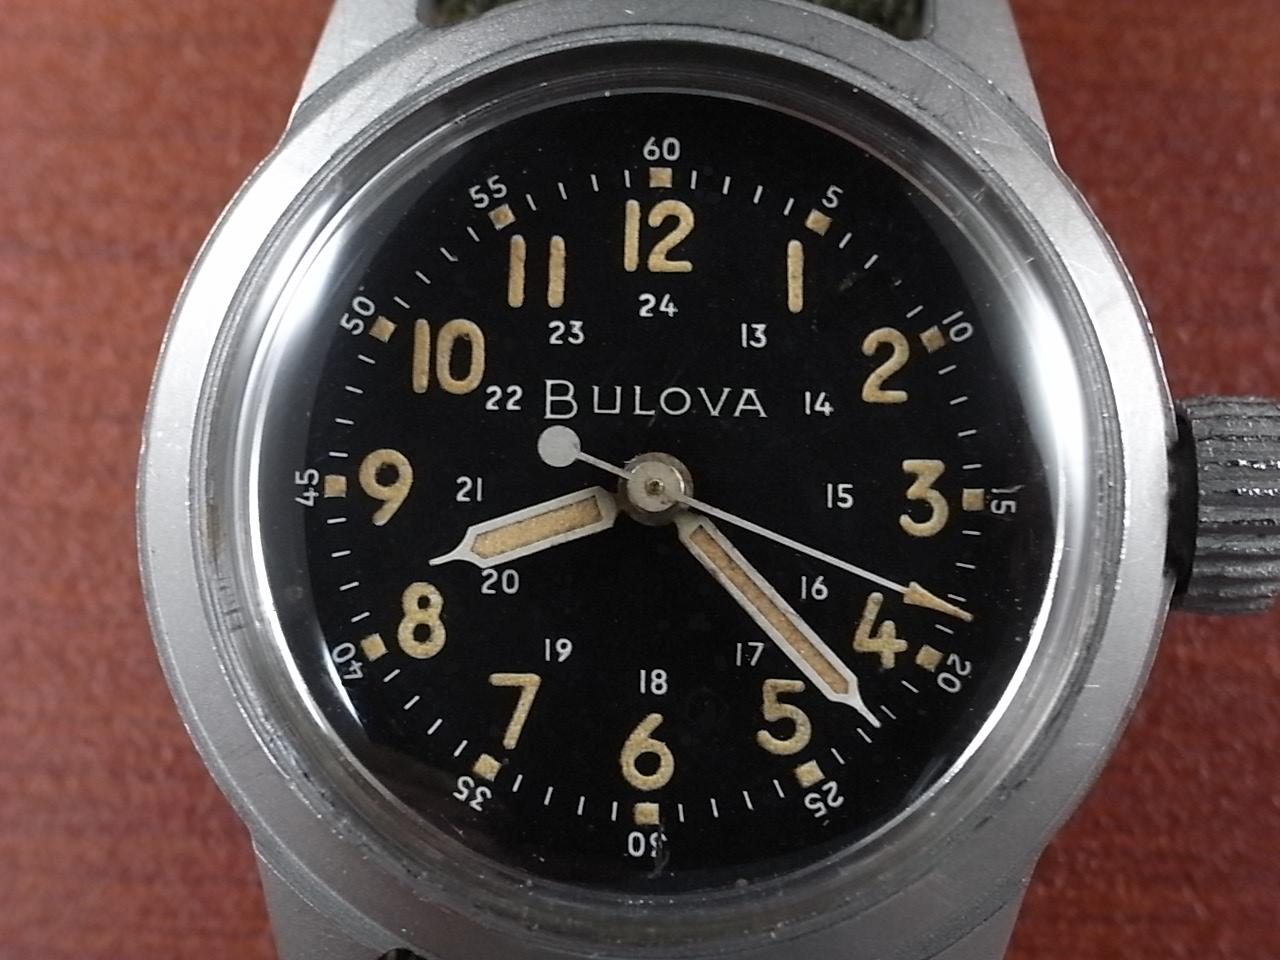 ブローバ ミリタリー アメリカ軍用時計 Type A17A 1950年代の写真2枚目